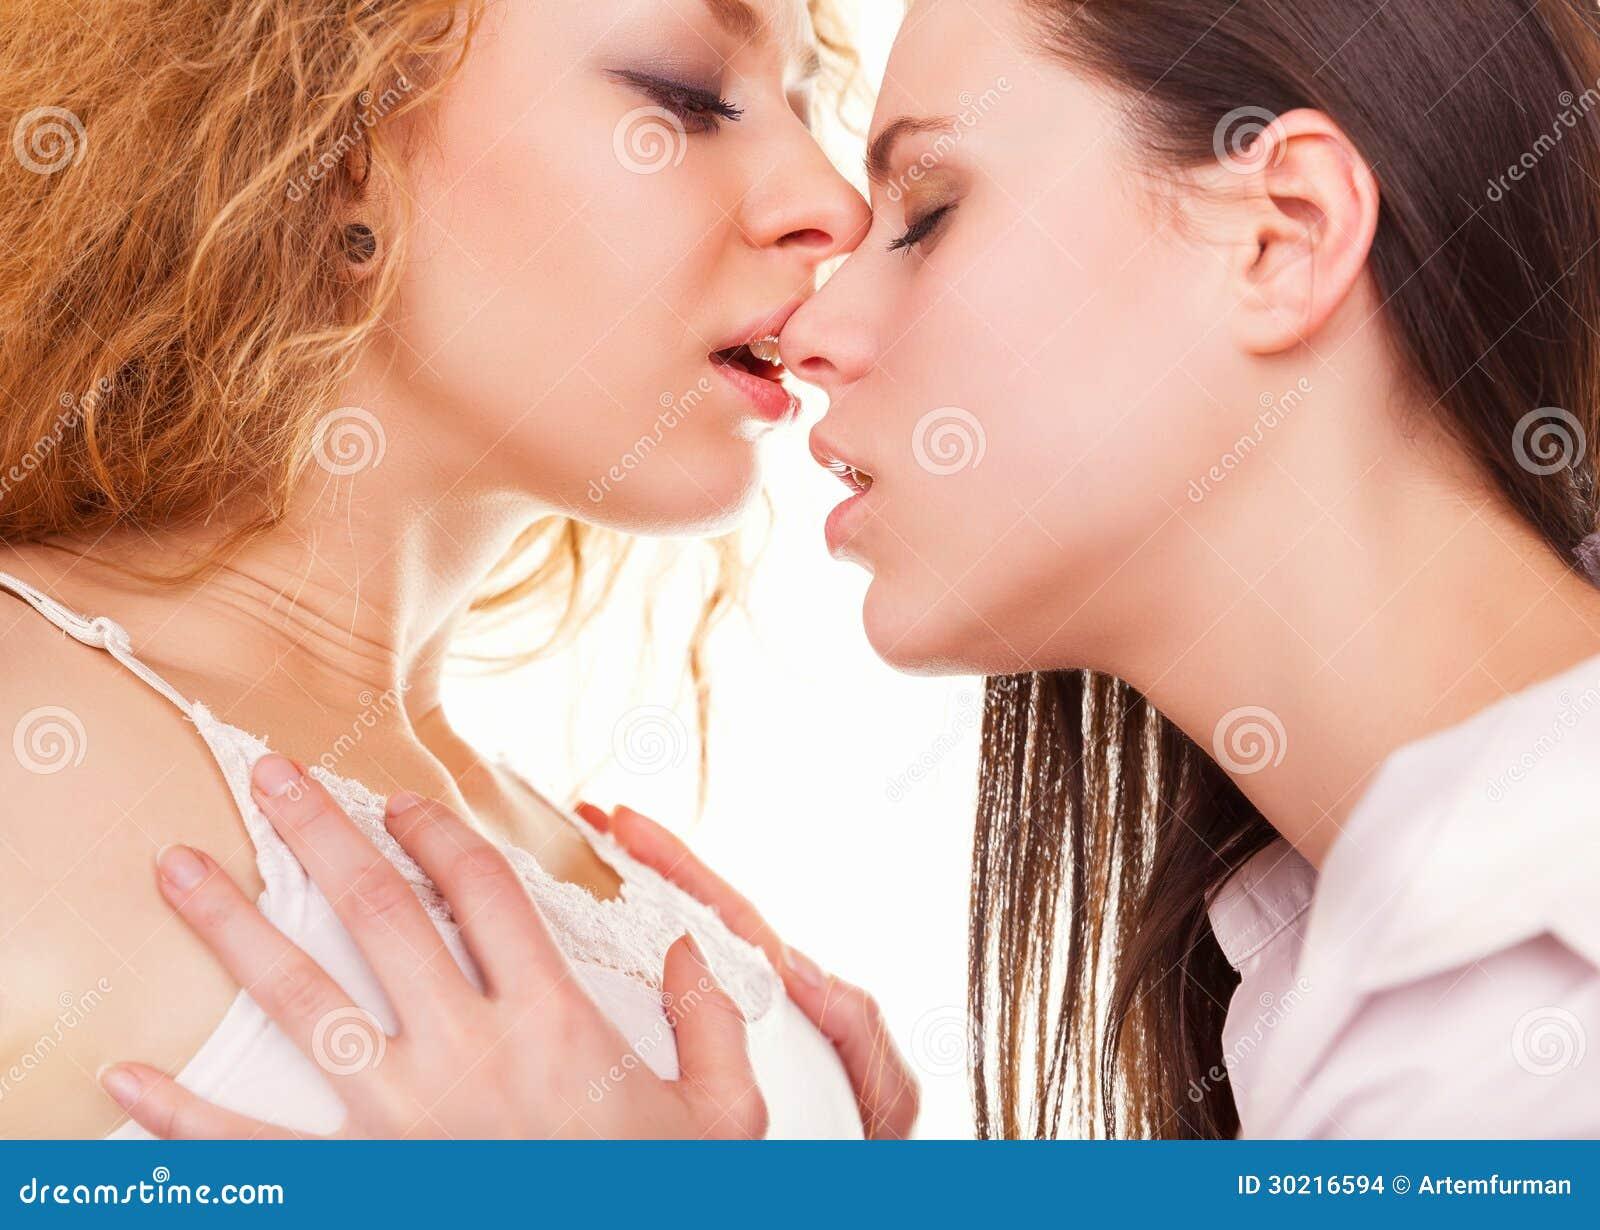 caldo lesbiche immagini reggiseno porno film